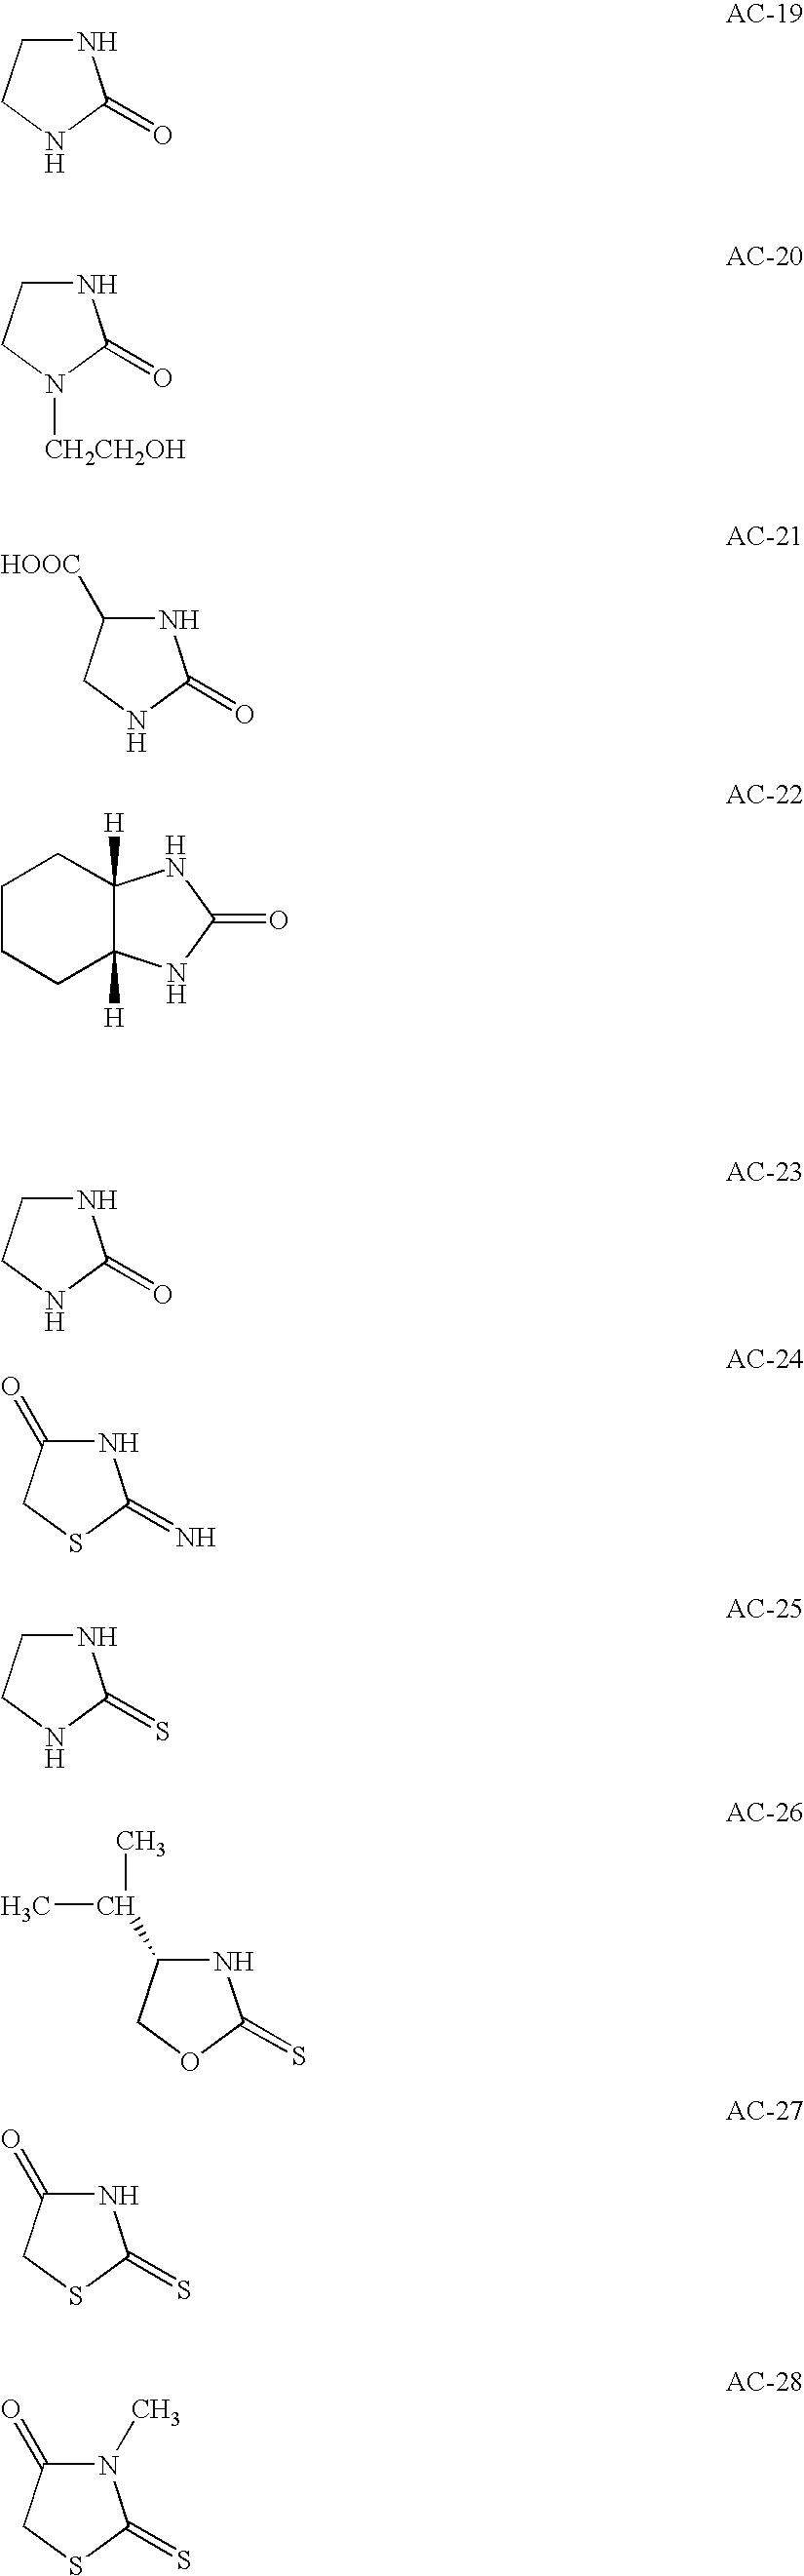 Figure US07393094-20080701-C00007